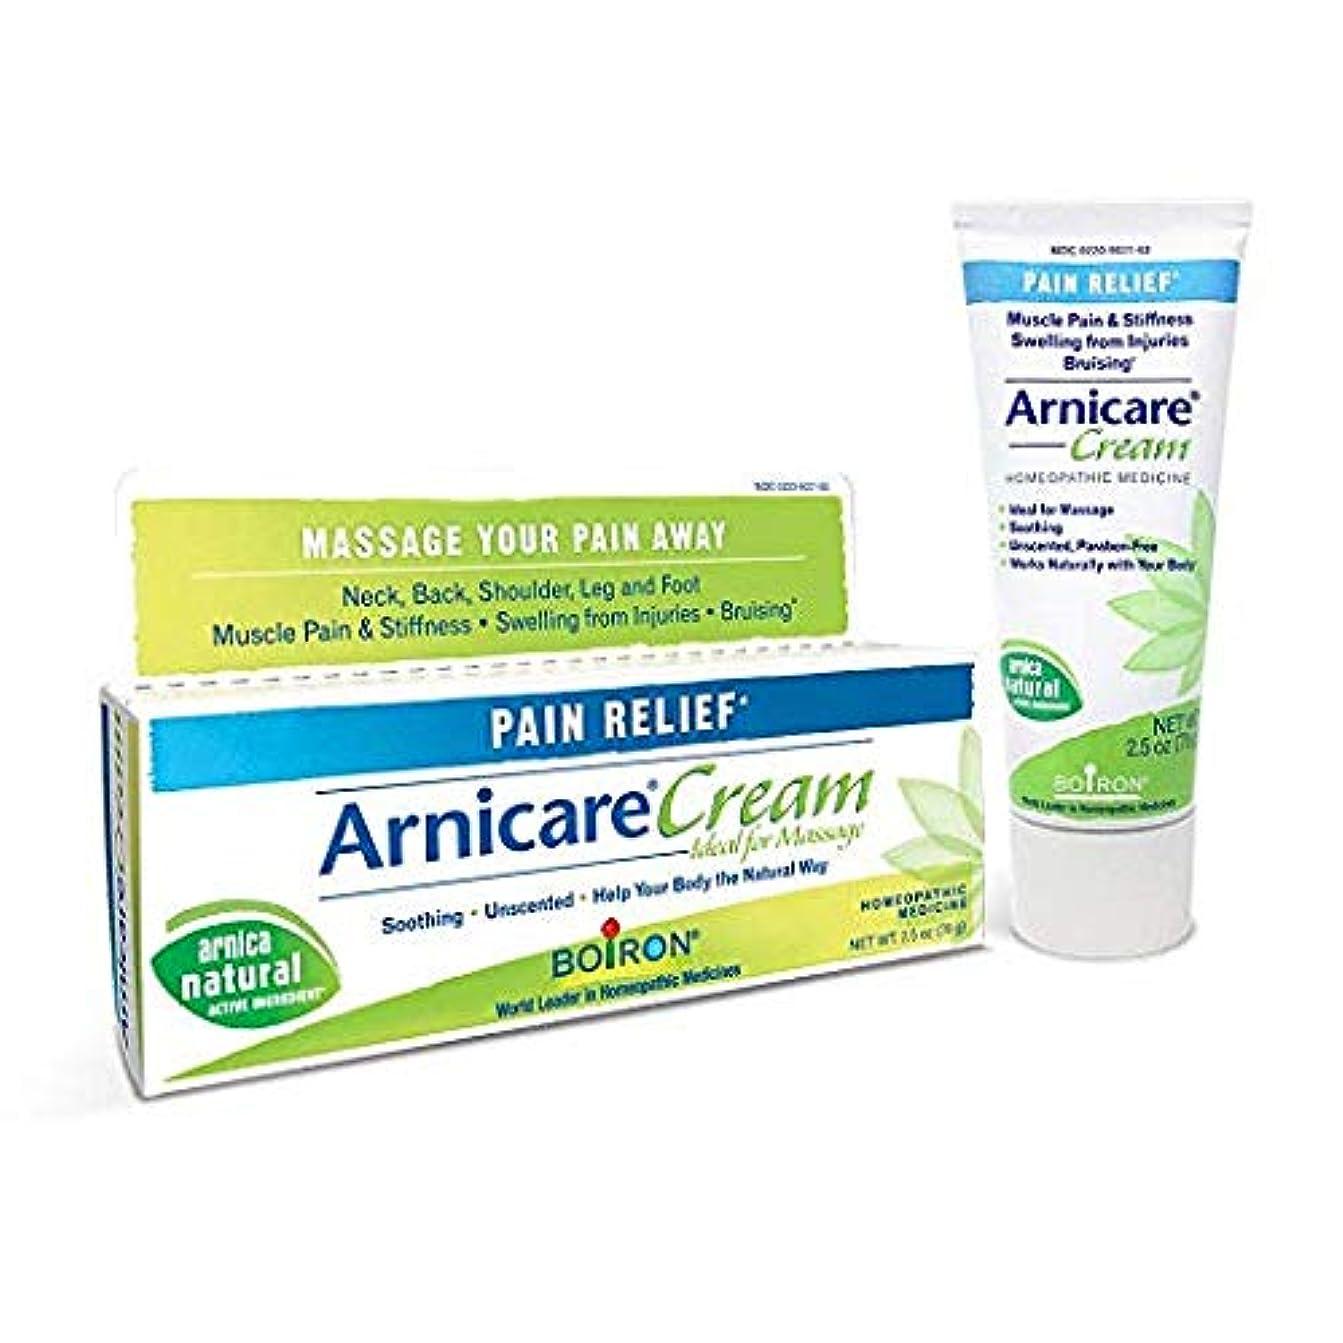 ダーリンだらしない外科医ボイロン アルニカクリーム Boiron Arnicare Cream 2.5 Ounces Topical Pain Relief Cream [並行輸入品]